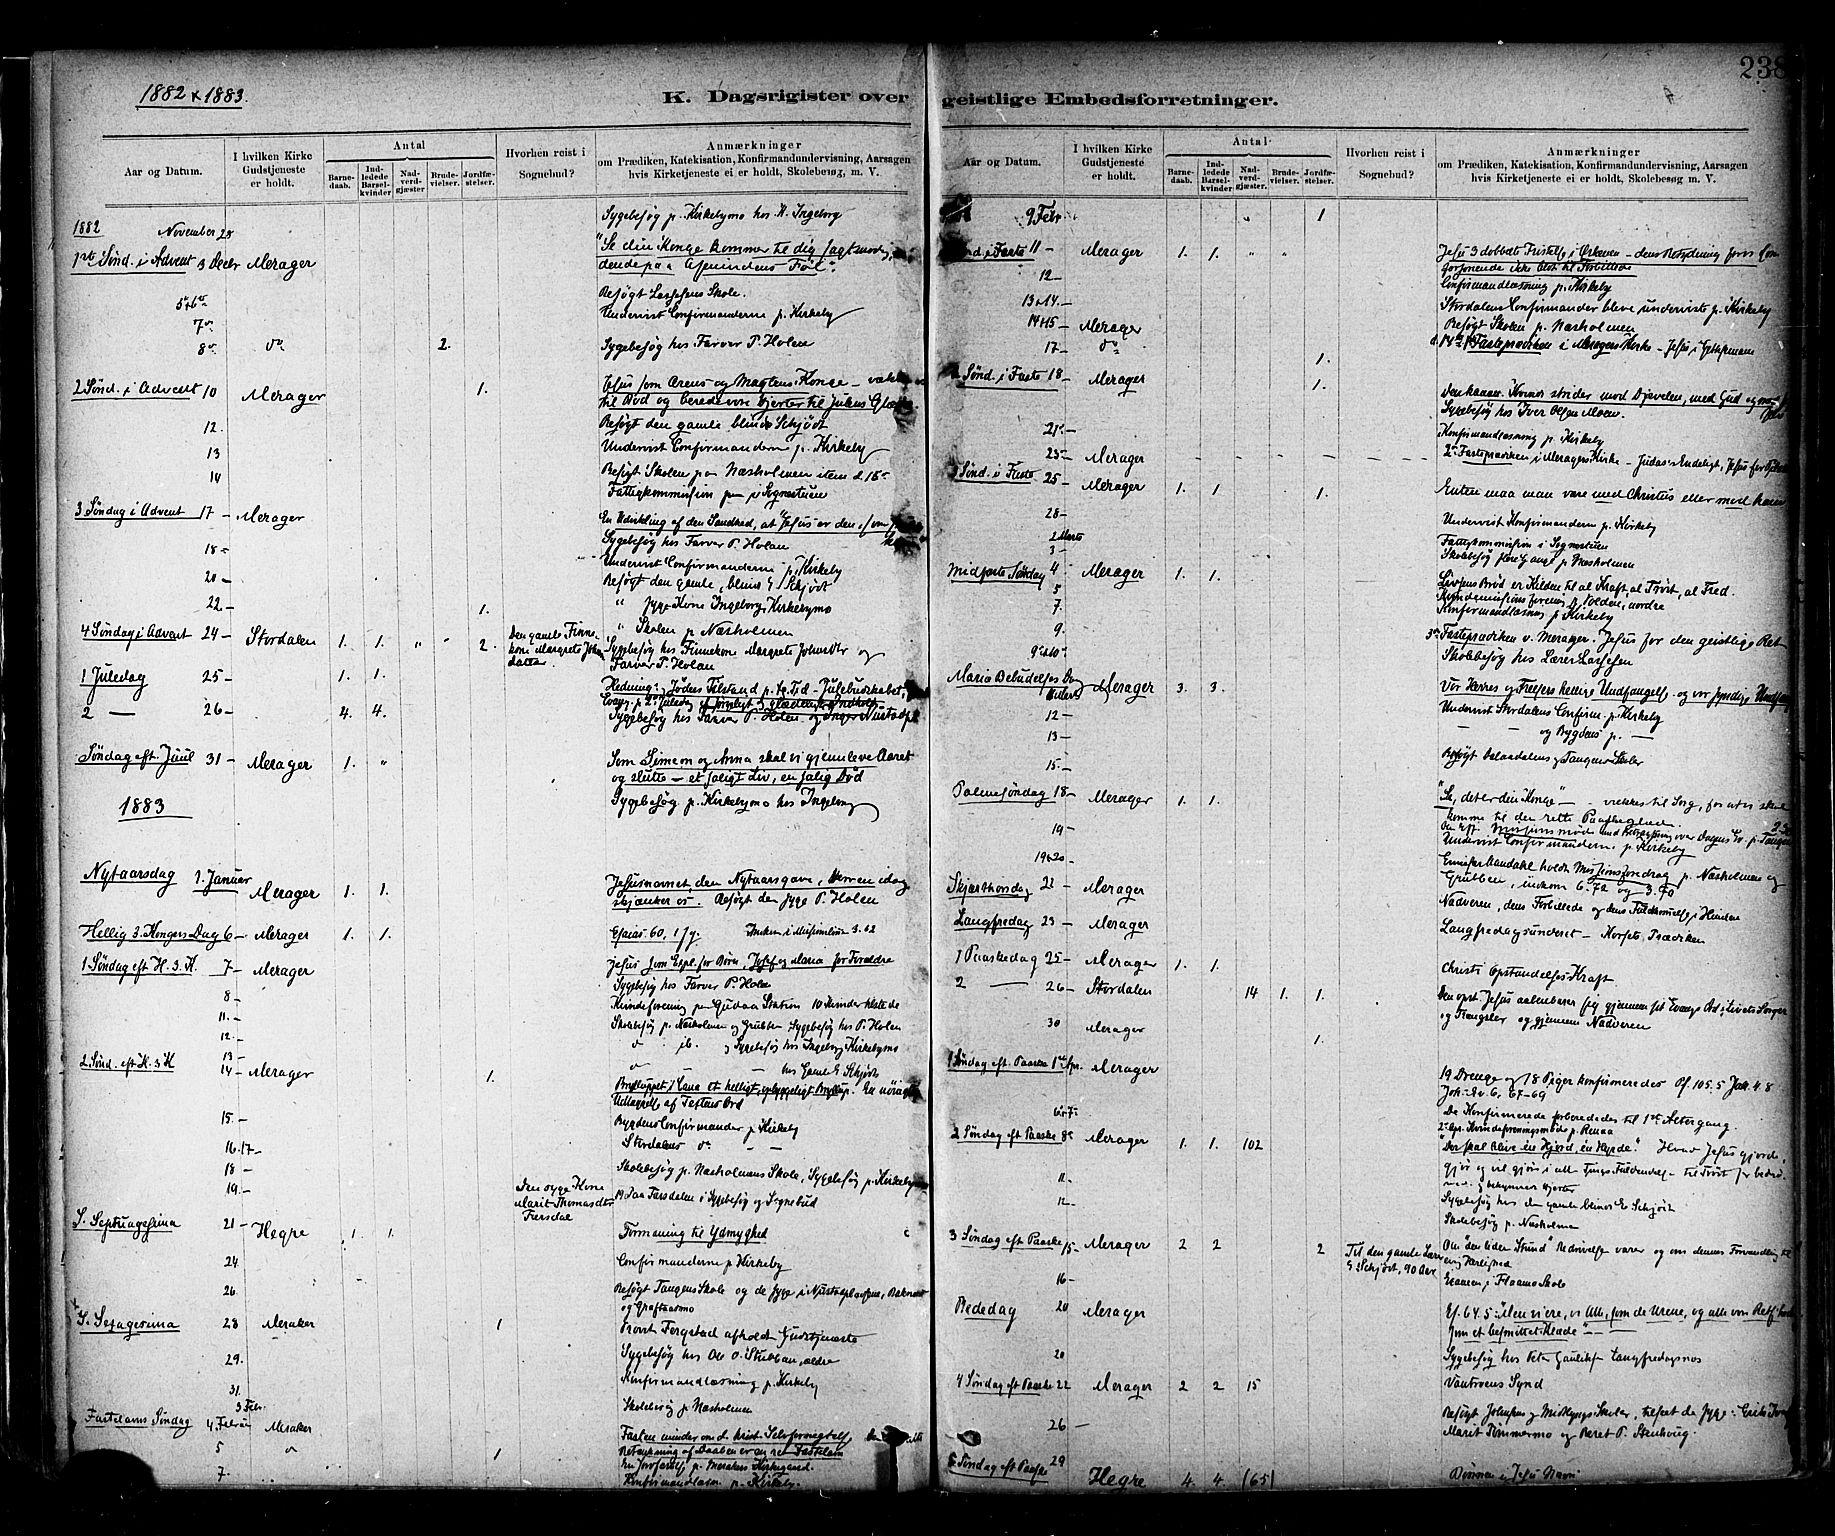 SAT, Ministerialprotokoller, klokkerbøker og fødselsregistre - Nord-Trøndelag, 706/L0047: Ministerialbok nr. 706A03, 1878-1892, s. 238